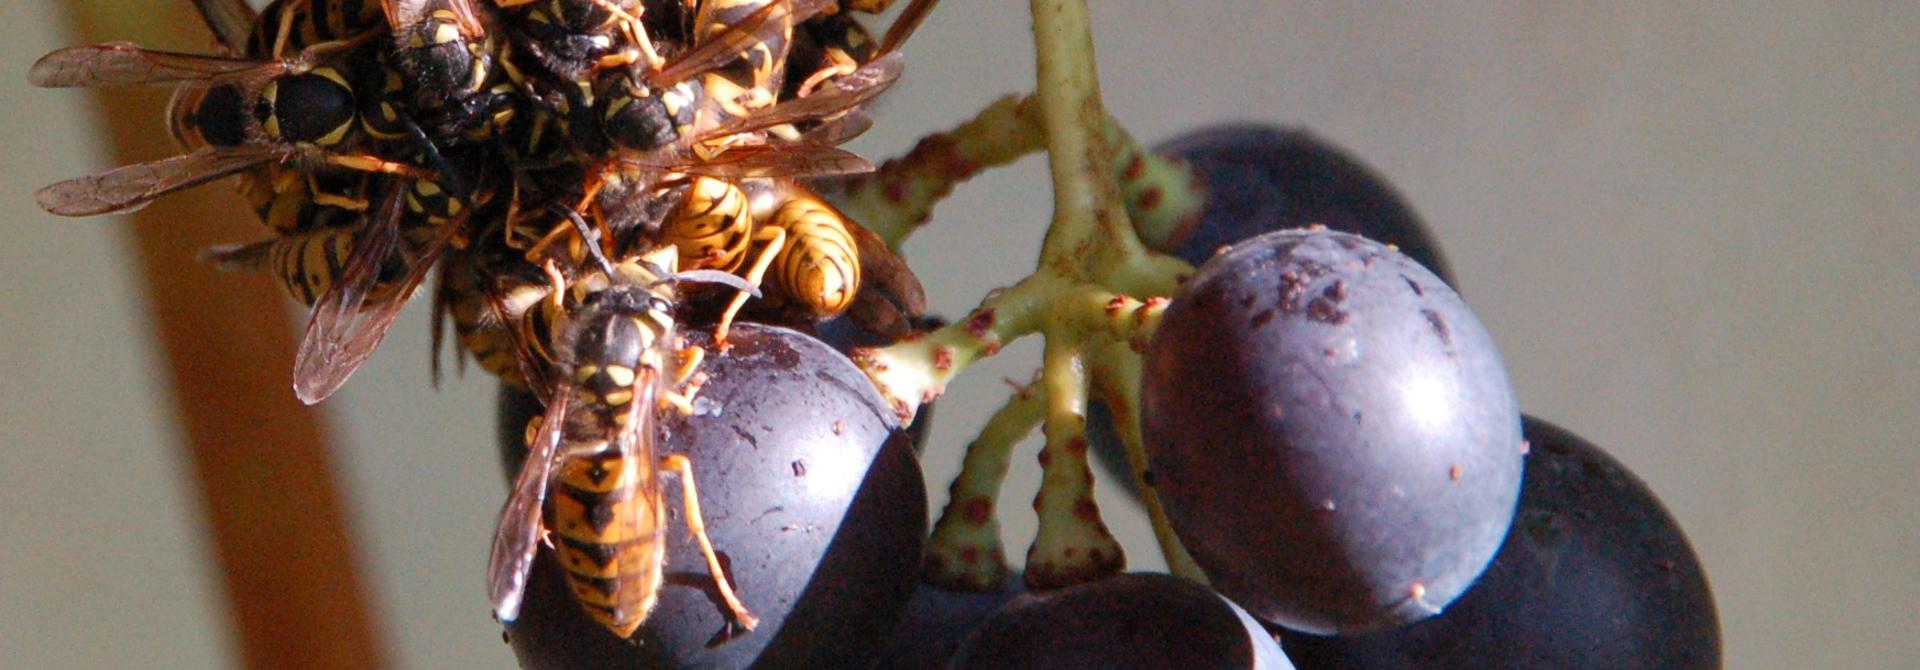 Auch Wespen fliegen auf su00fcsse Trauben>